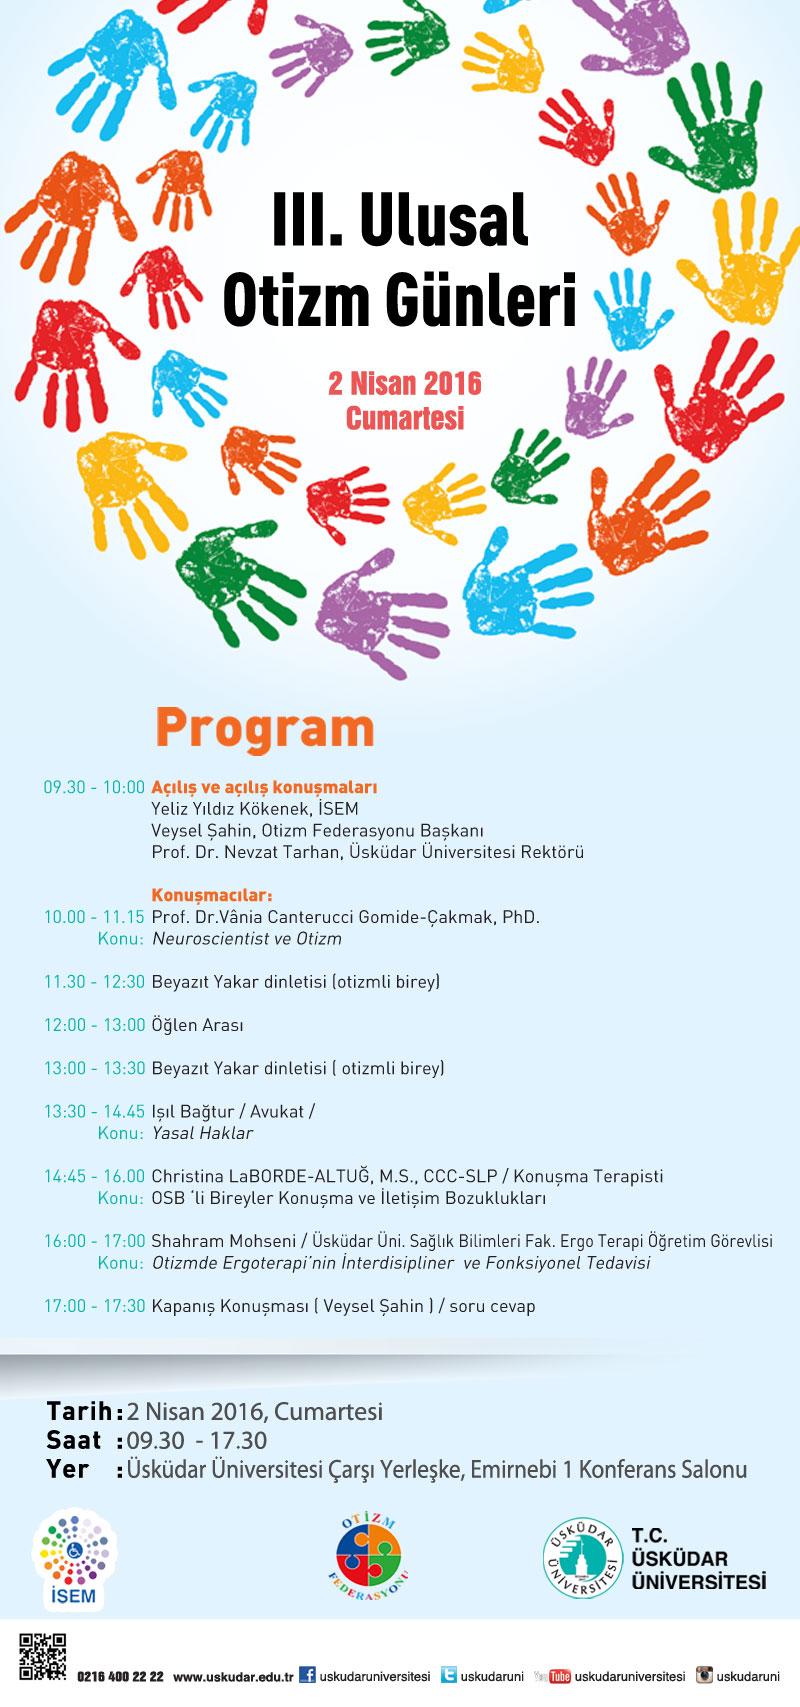 3. Ulusal Otizm Günleri Üsküdar Üniversitesi'nde düzenleniyor!